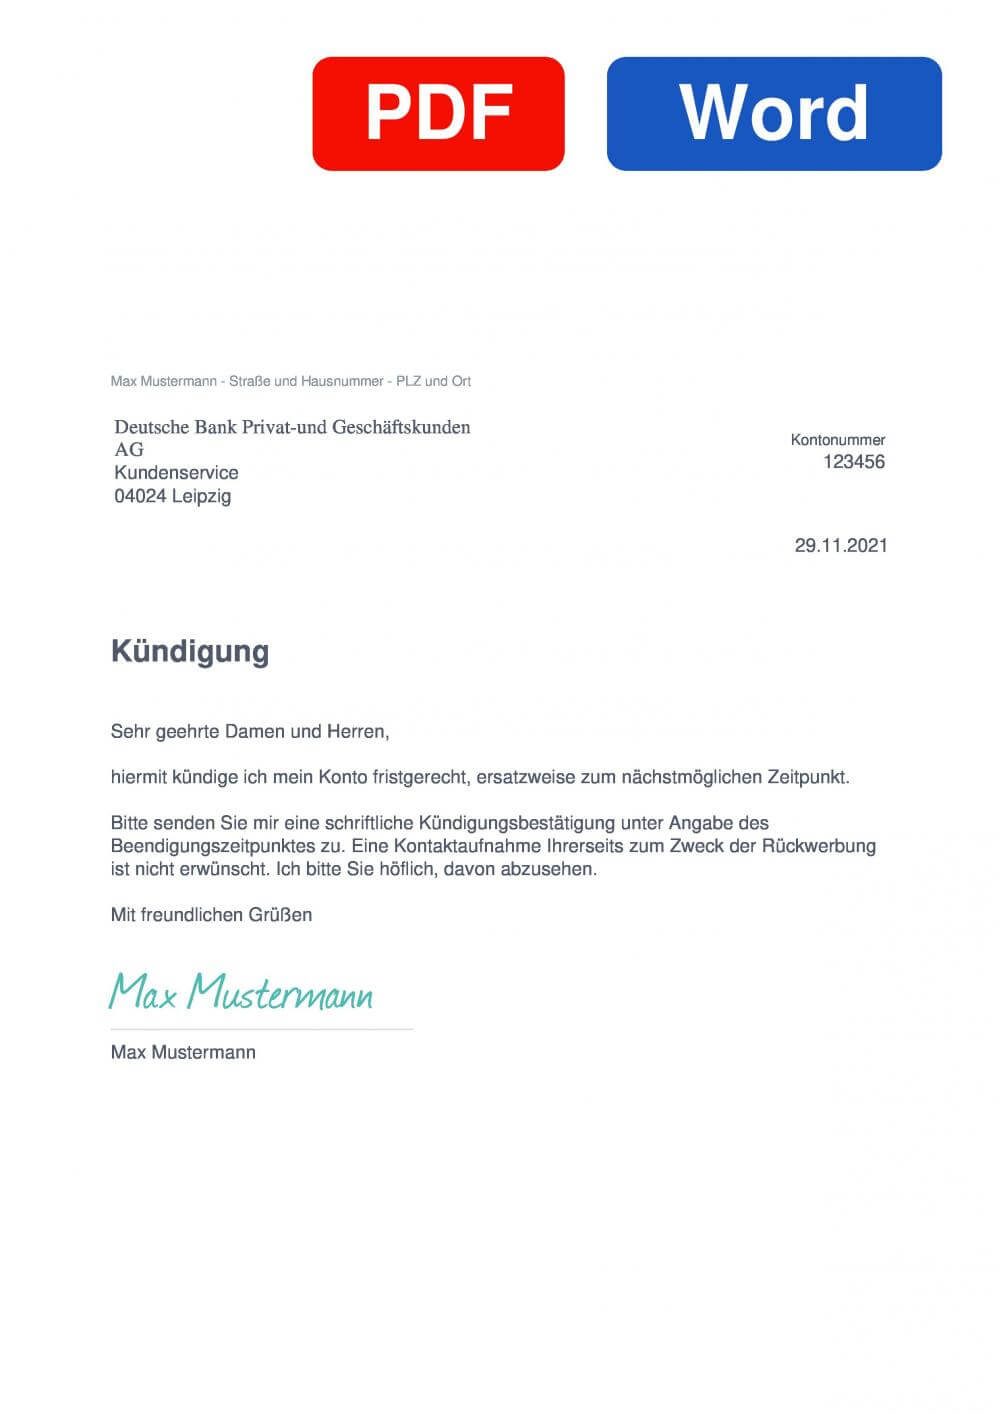 Deutsche Bank FestzinsSparen Muster Vorlage für Kündigungsschreiben